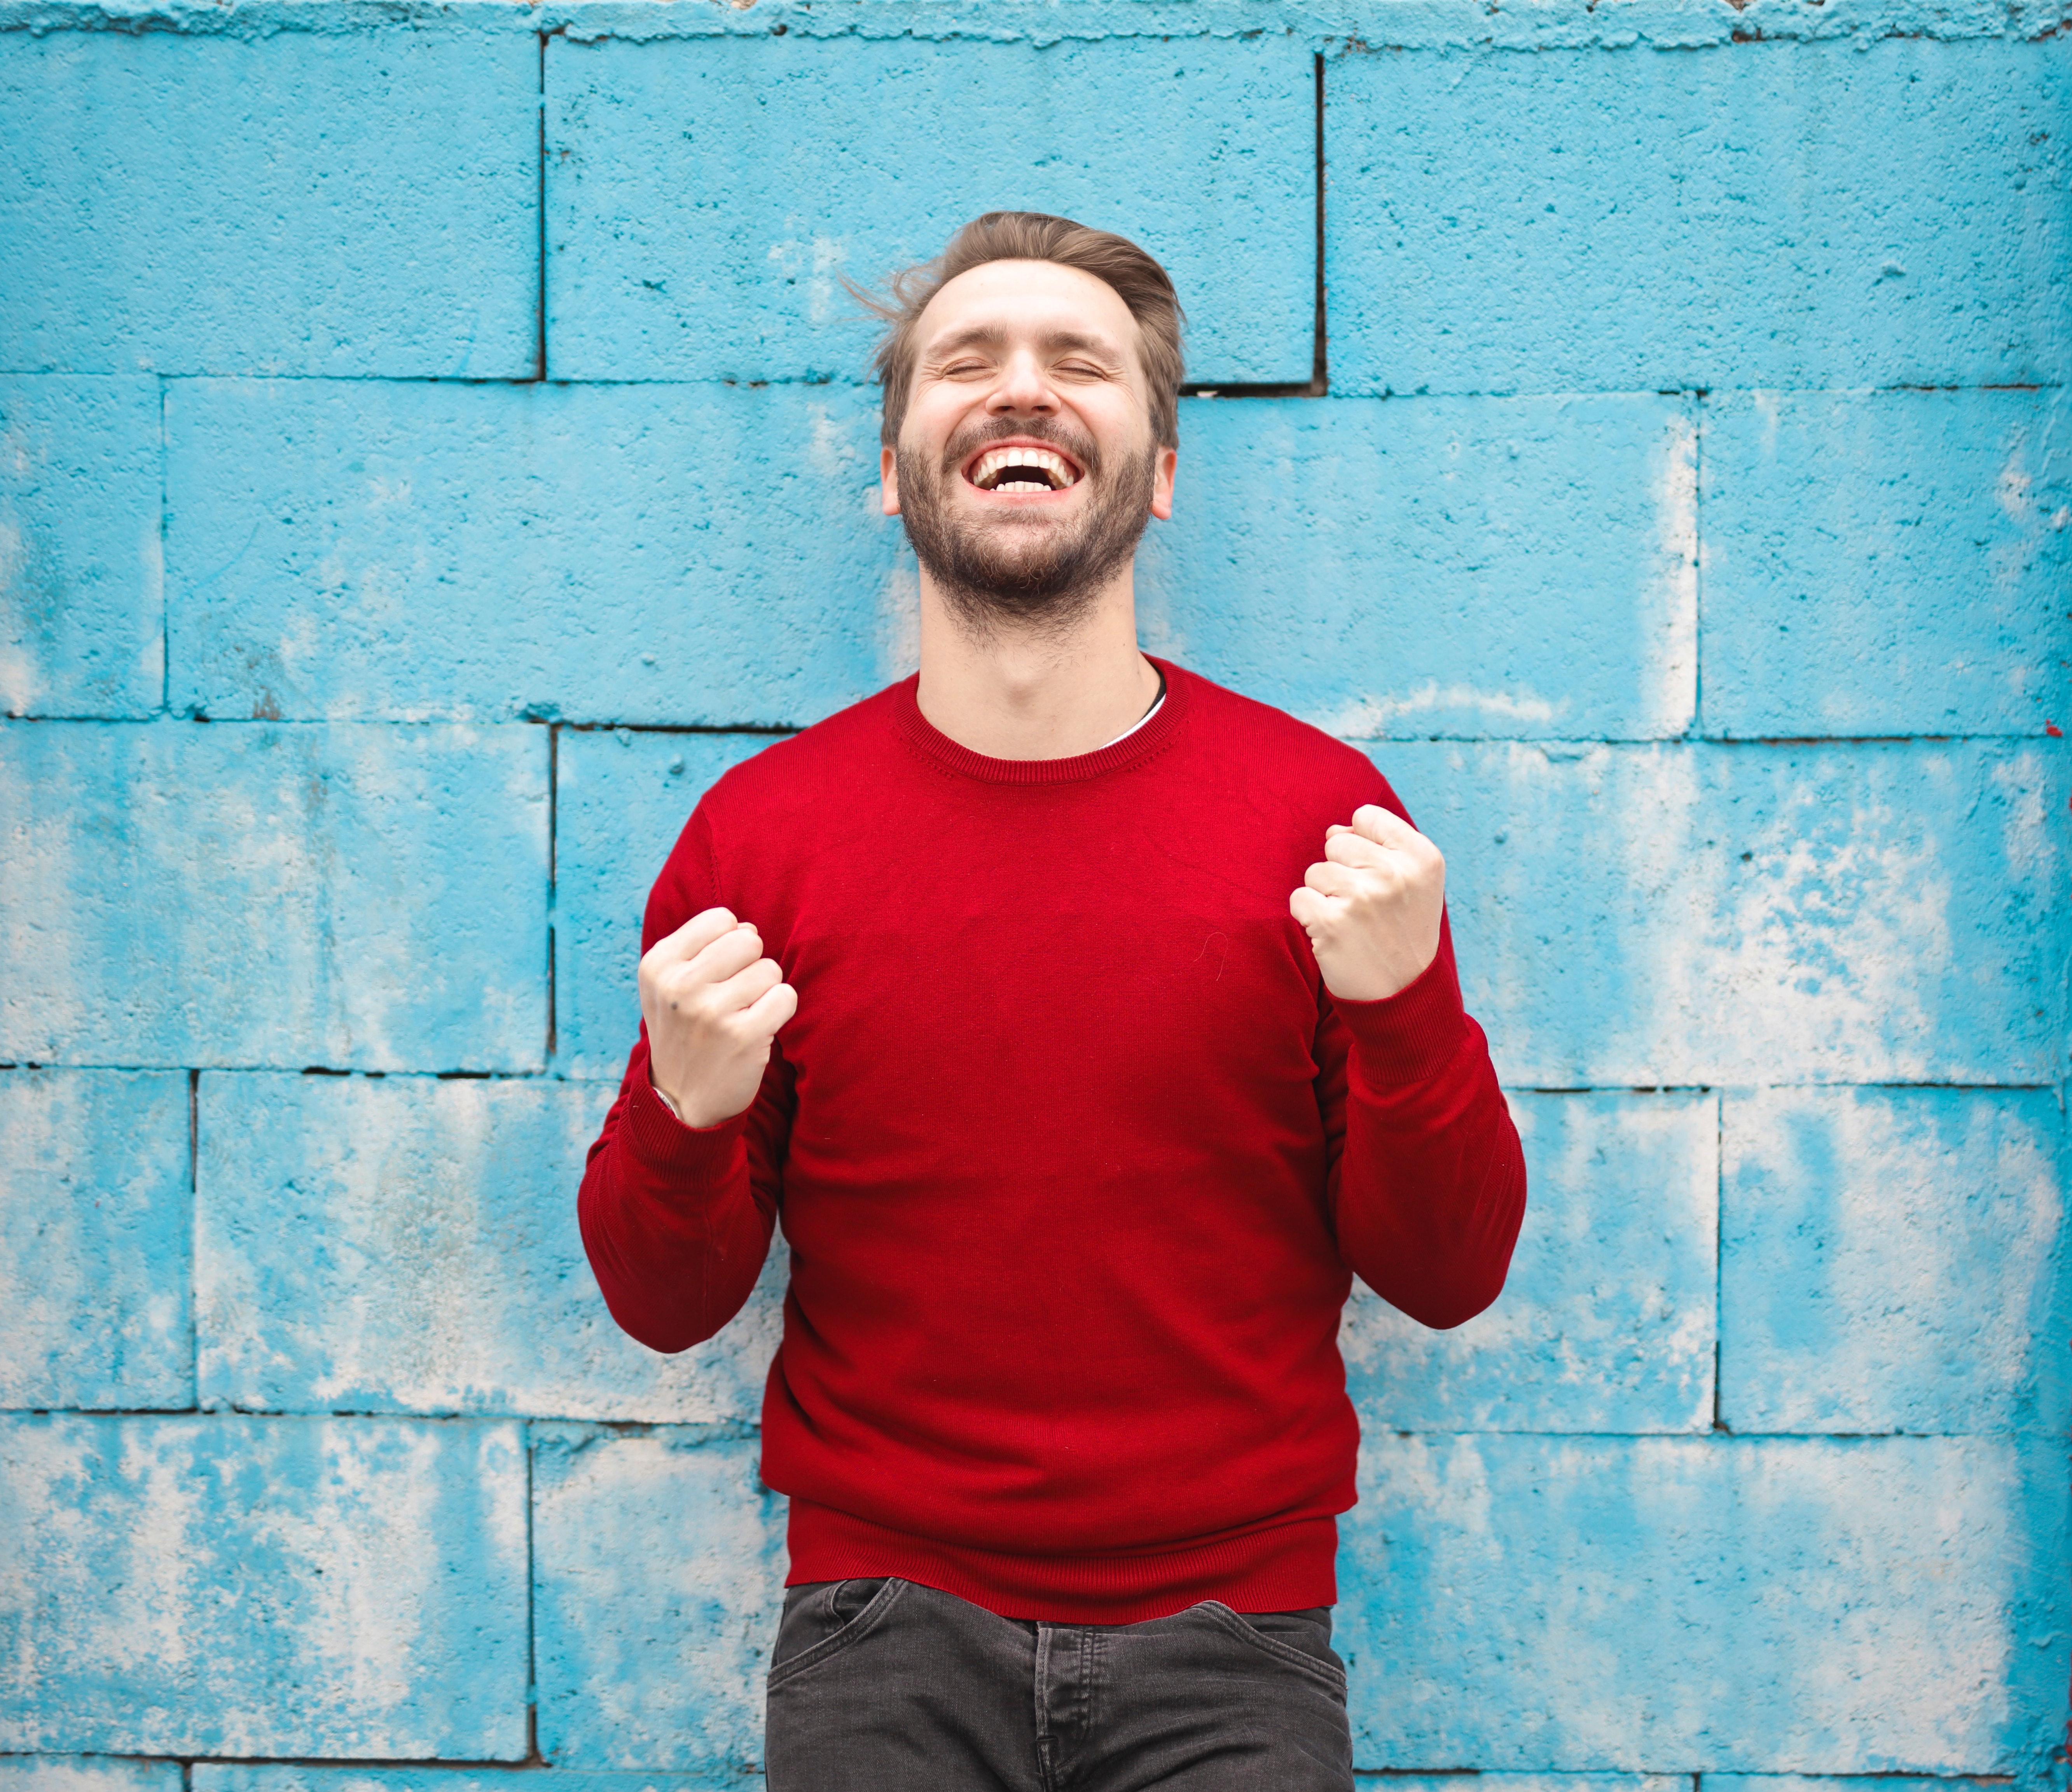 štěstí - šťastný - výhra